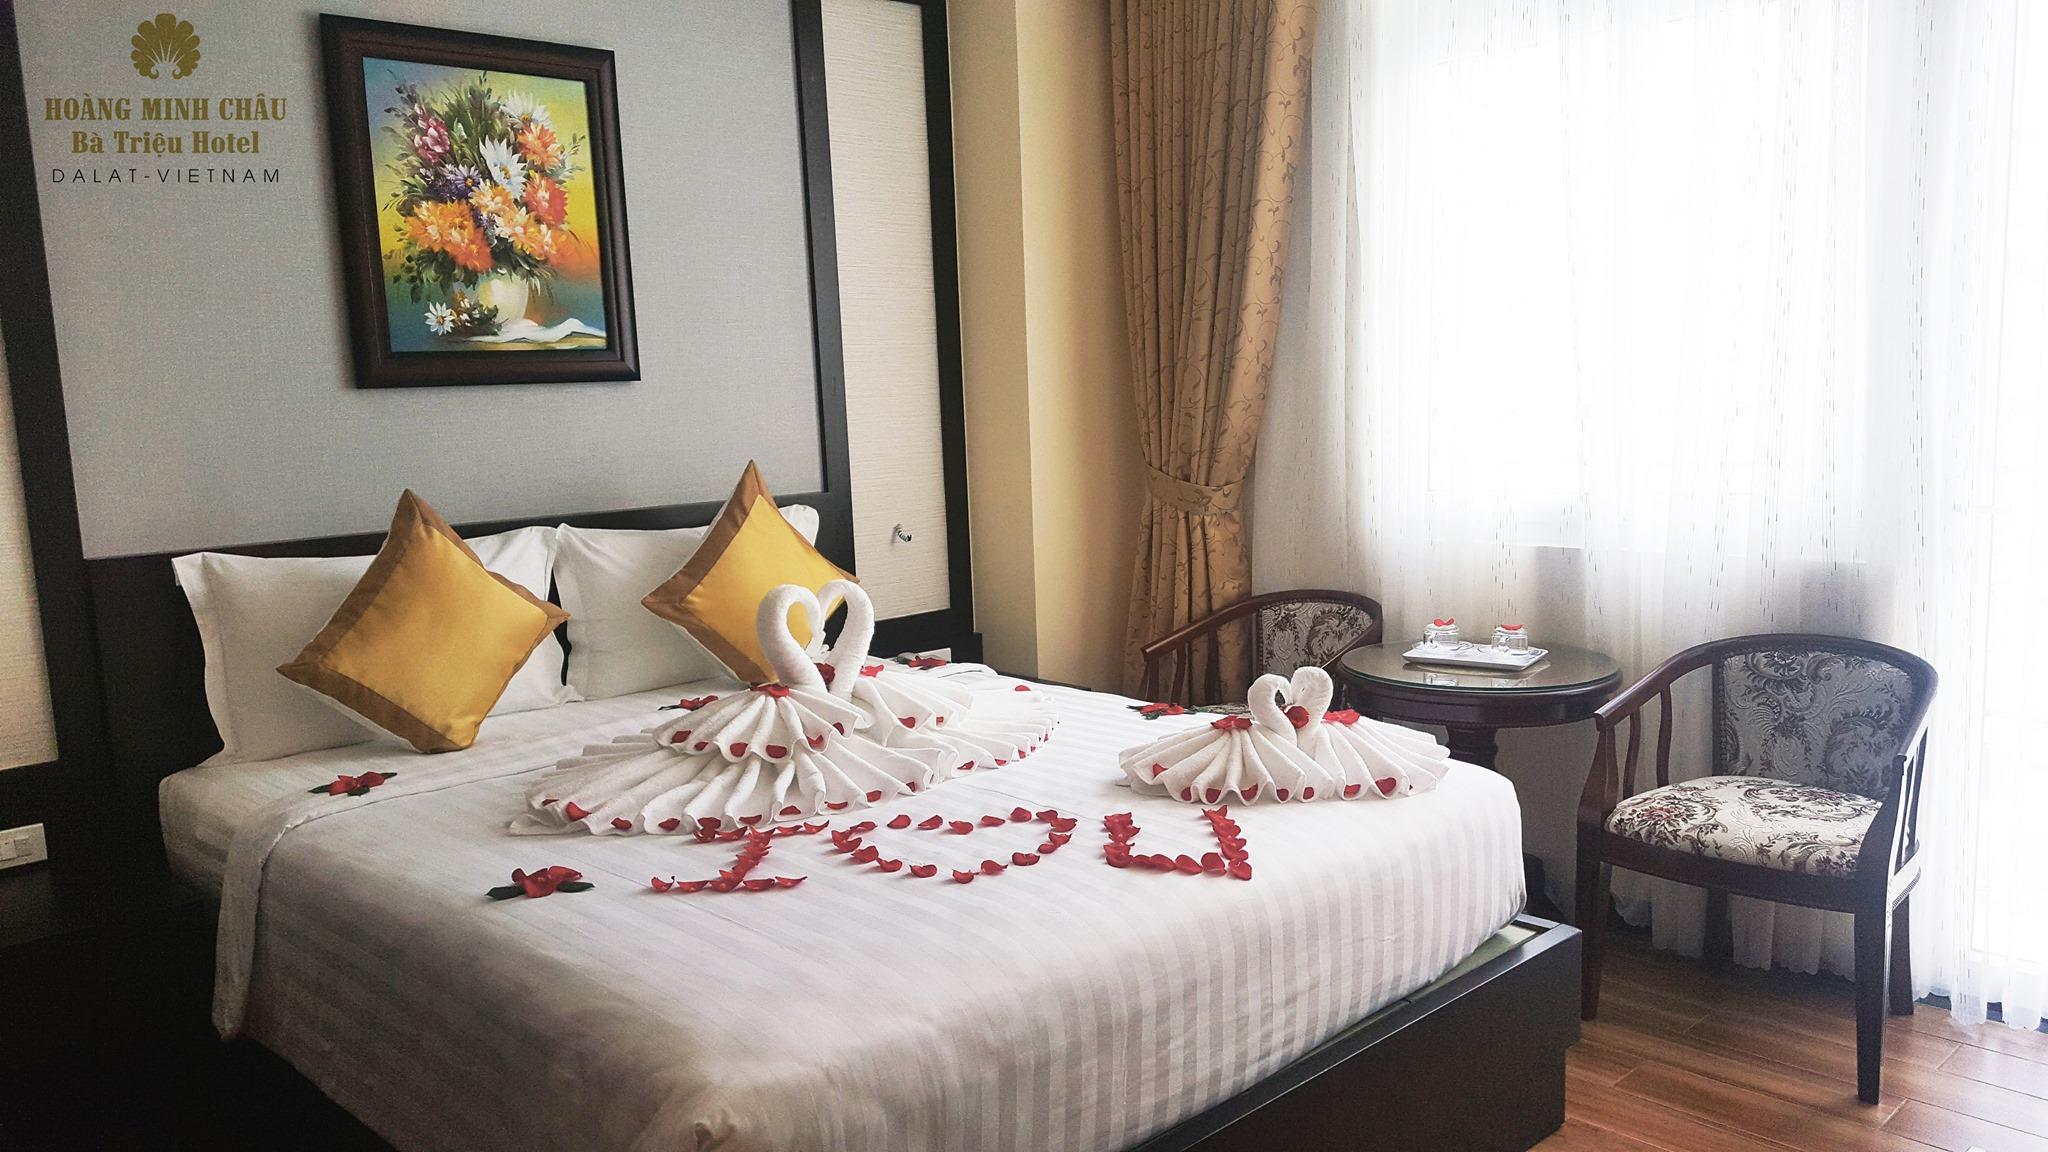 Phòng khách sạn hoàng minh châu